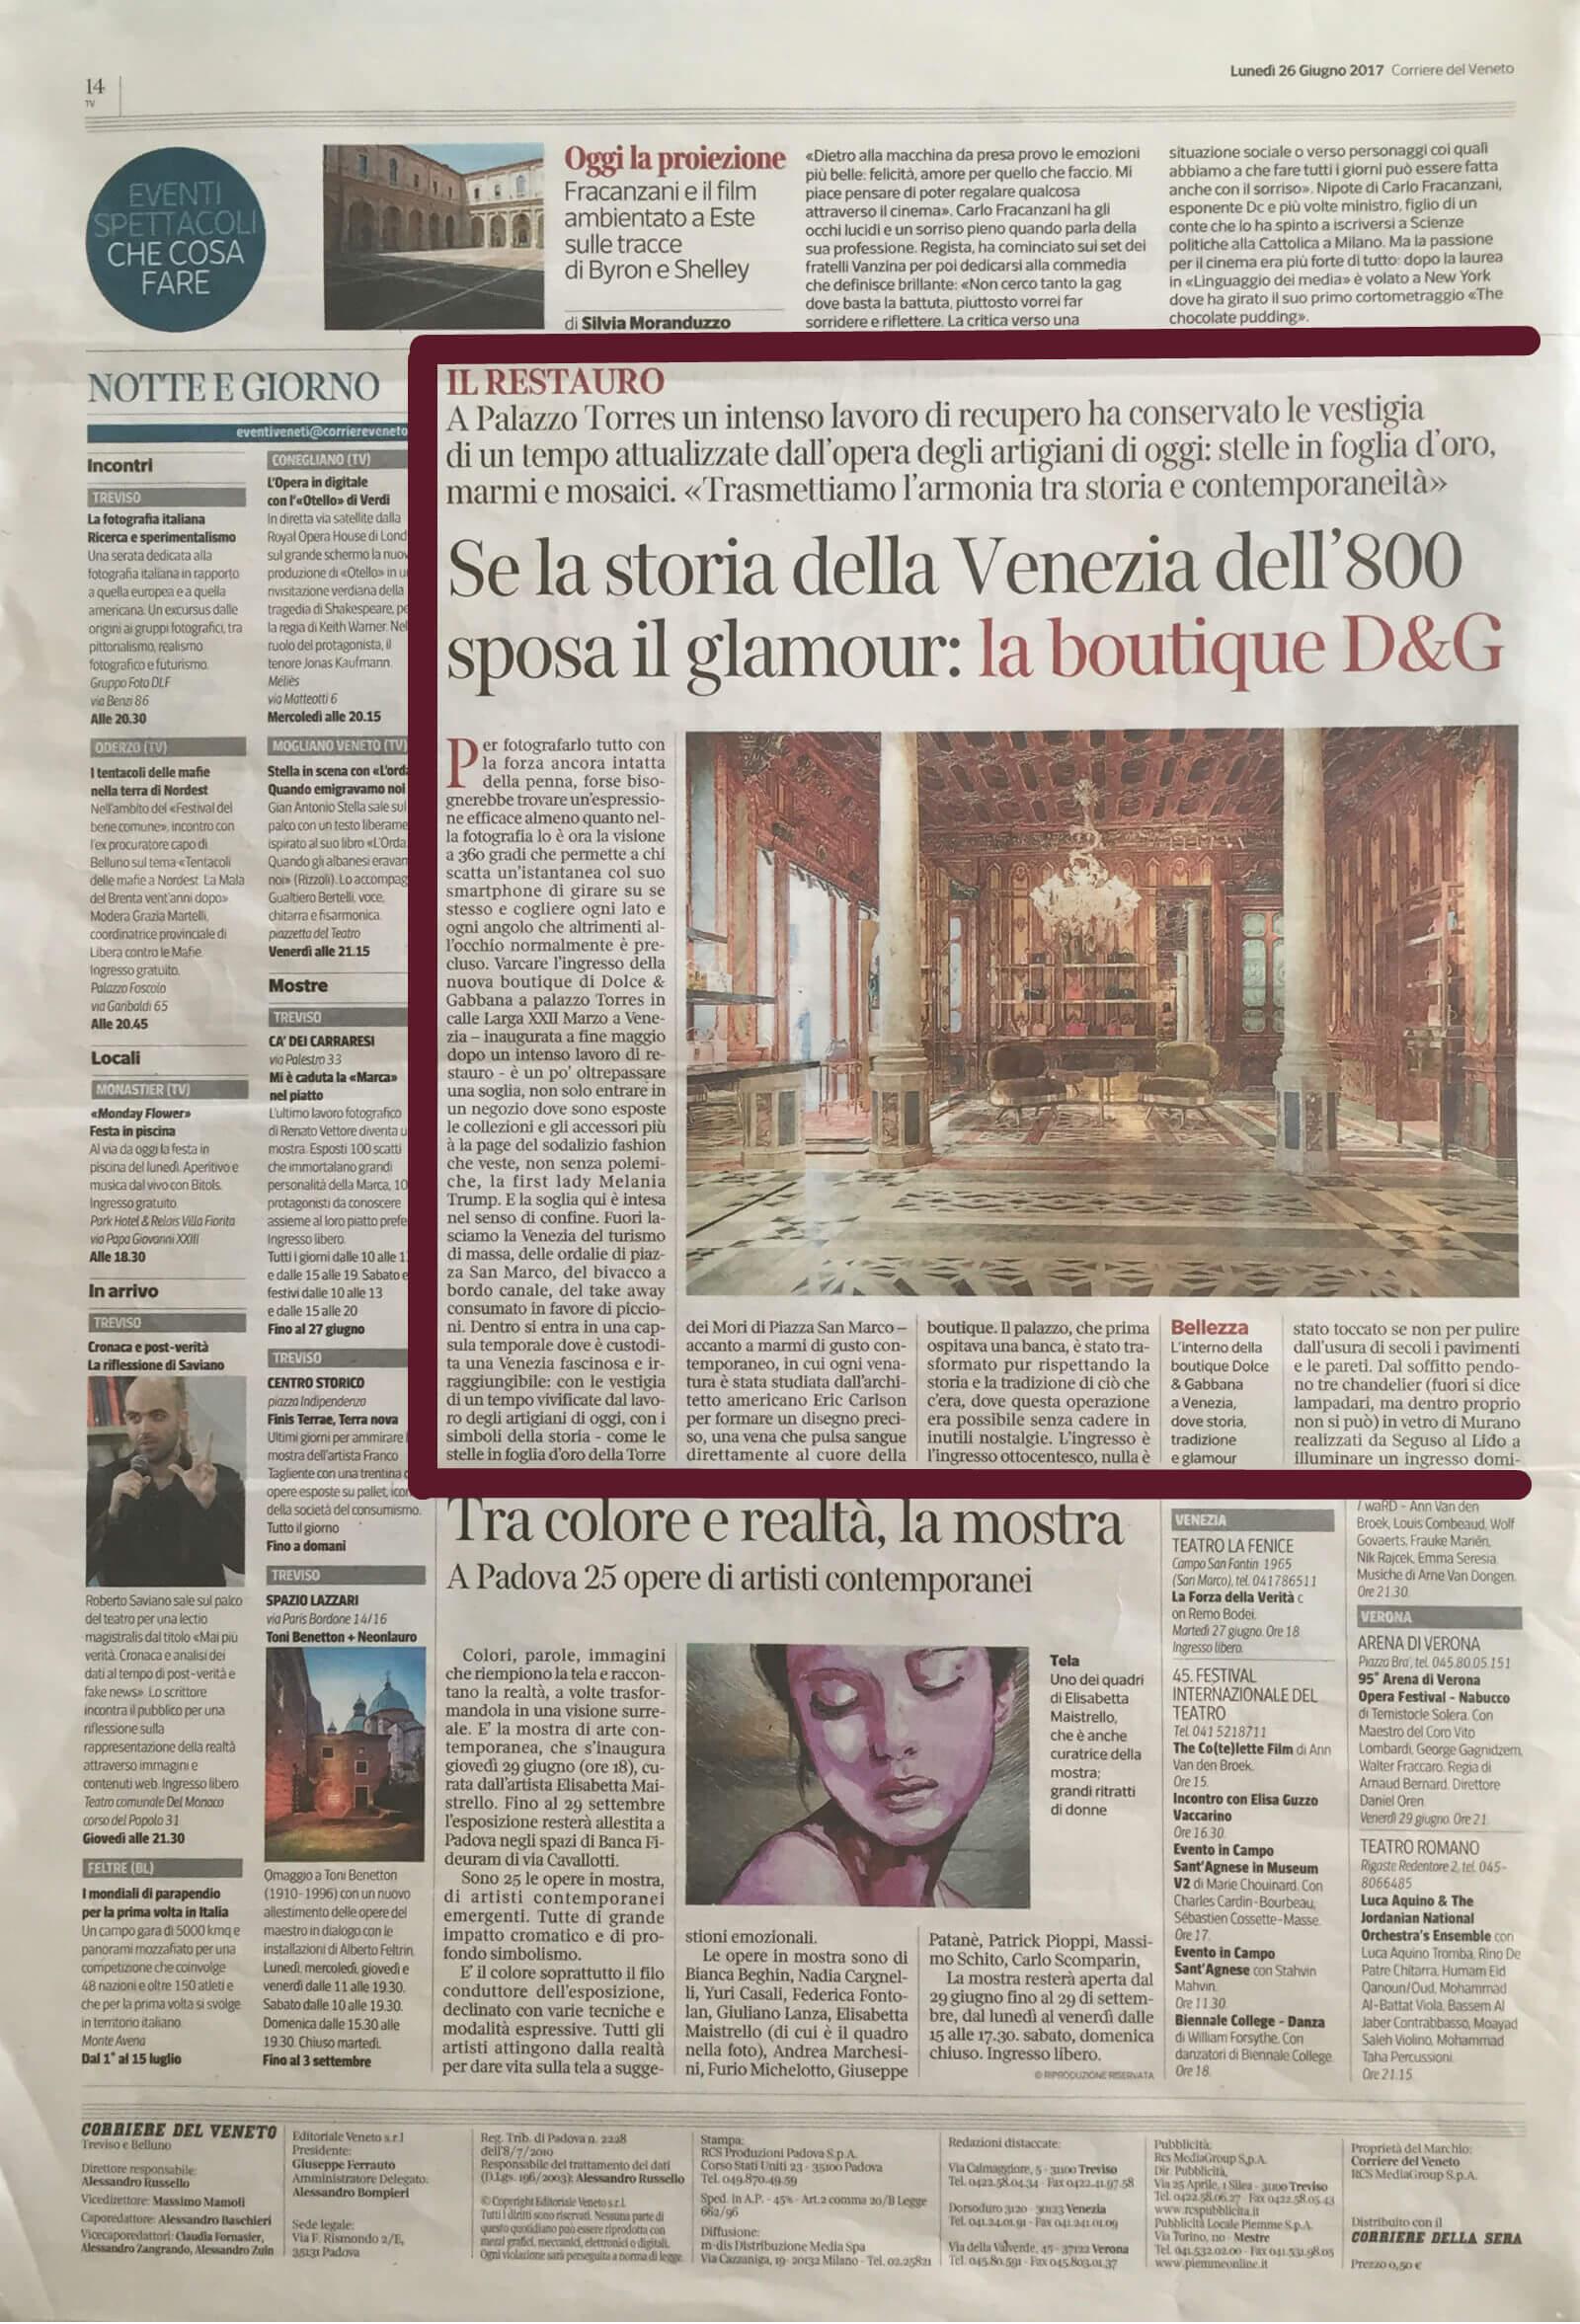 Corriere del Veneto 26-06-2017-14 | Tessiture Bevilacqua